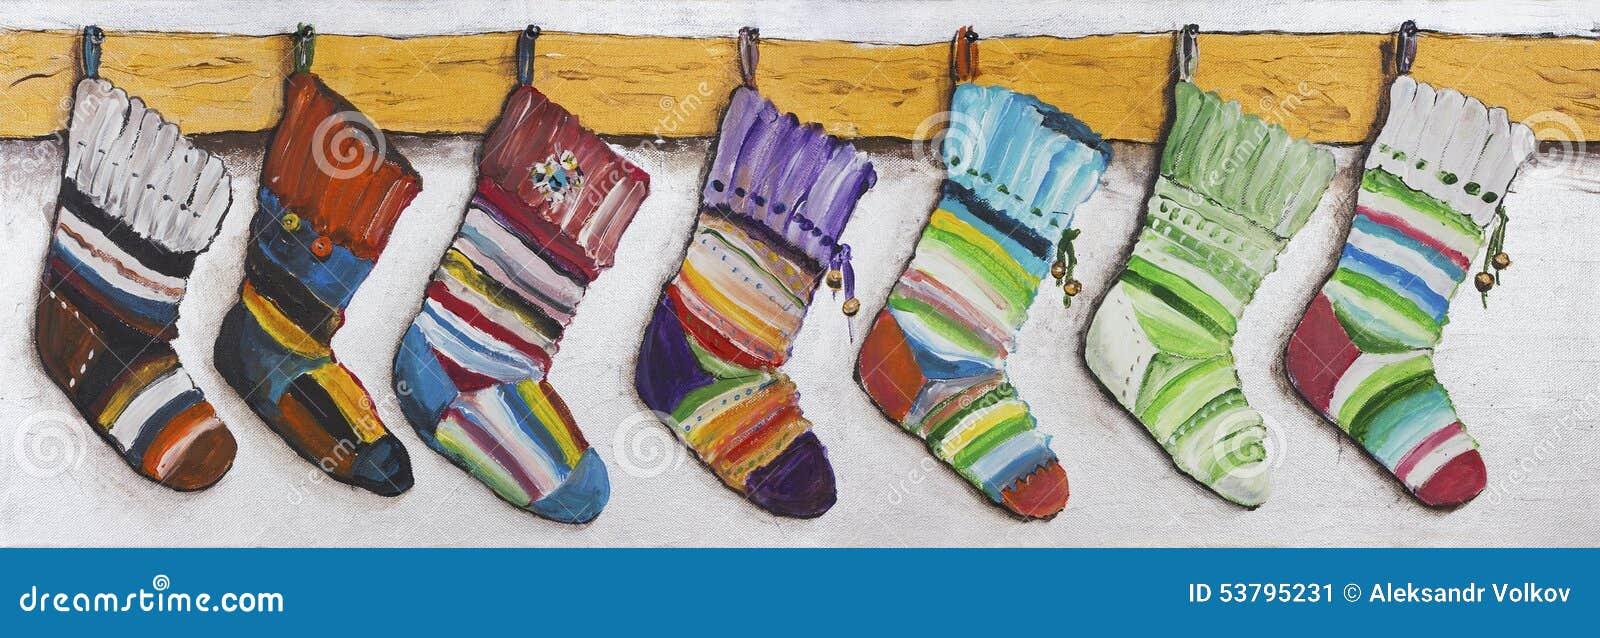 Die Socken Der Kinder Für Weihnachtsgeschenke Stock Abbildung ...